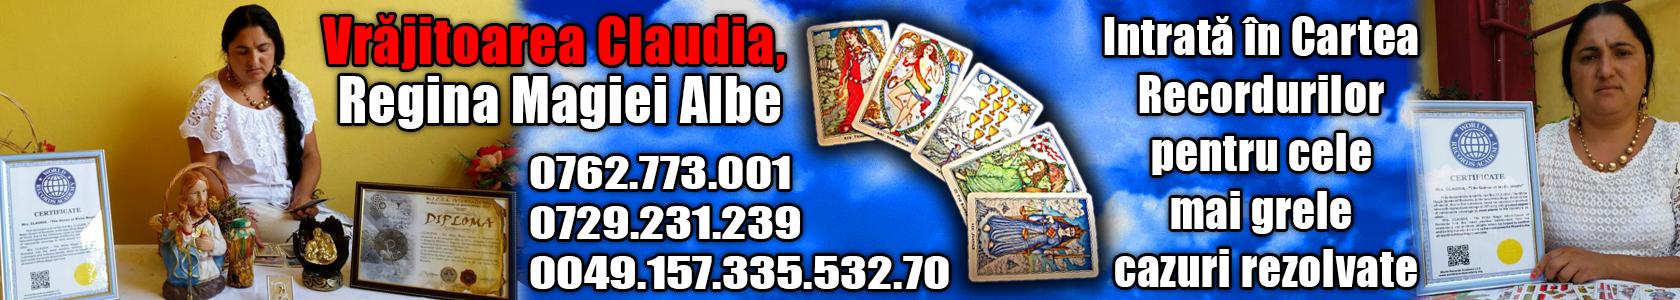 Banner Claudia 1680x300 3